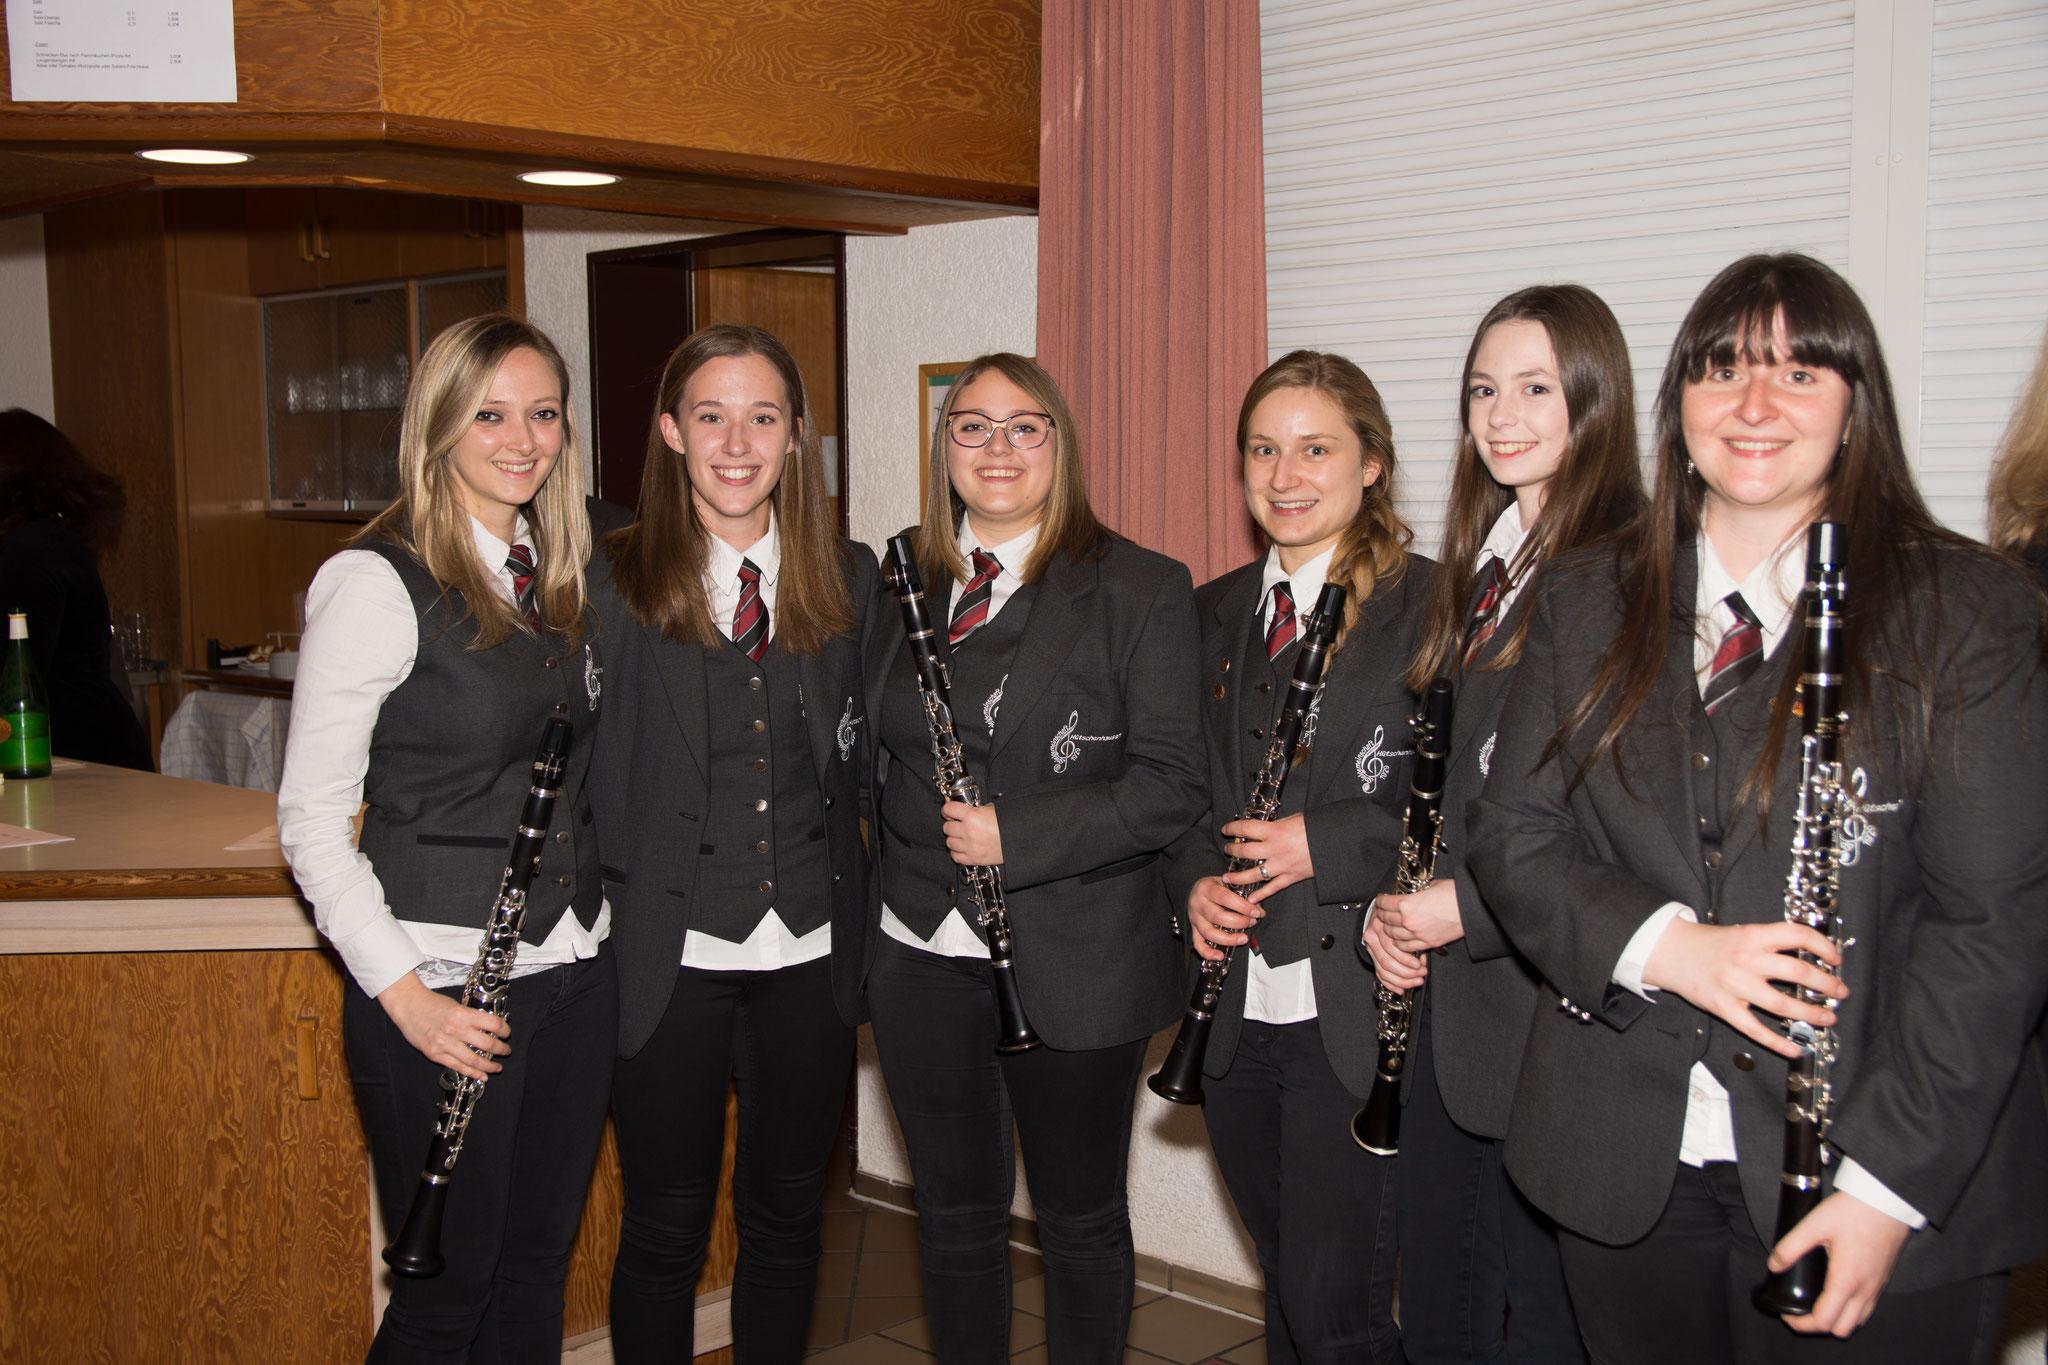 Hanna, Jessica, Tabea, Laura, Maren und Kerstin spielen alle Klarinette in der Spielgemeinschaft Hütschenhausen